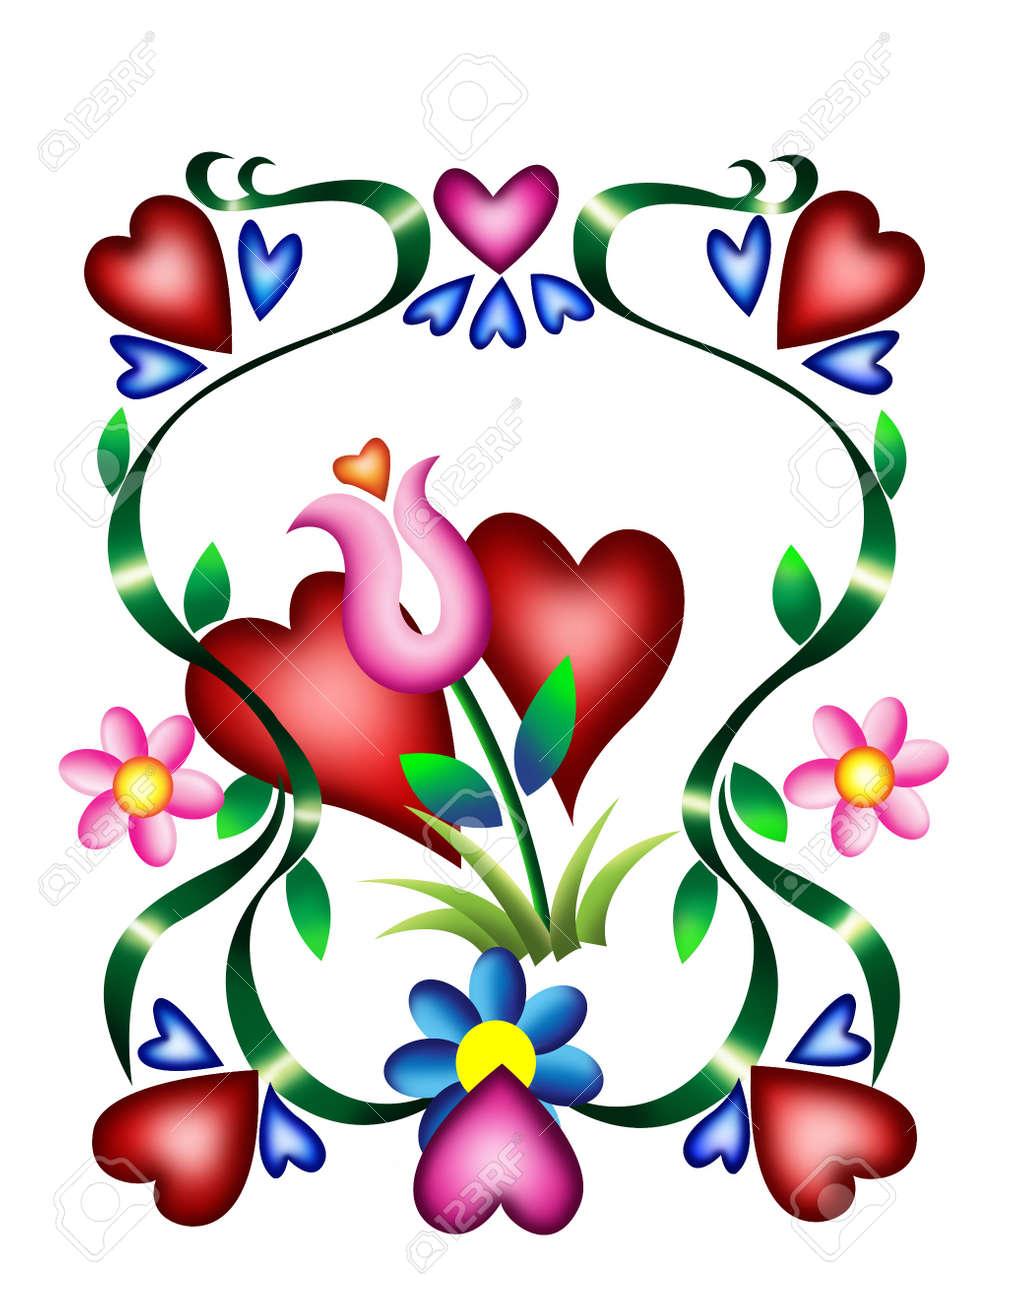 Corazones De San Valentin De Tarjeta De Amor Con Formas De Corazon